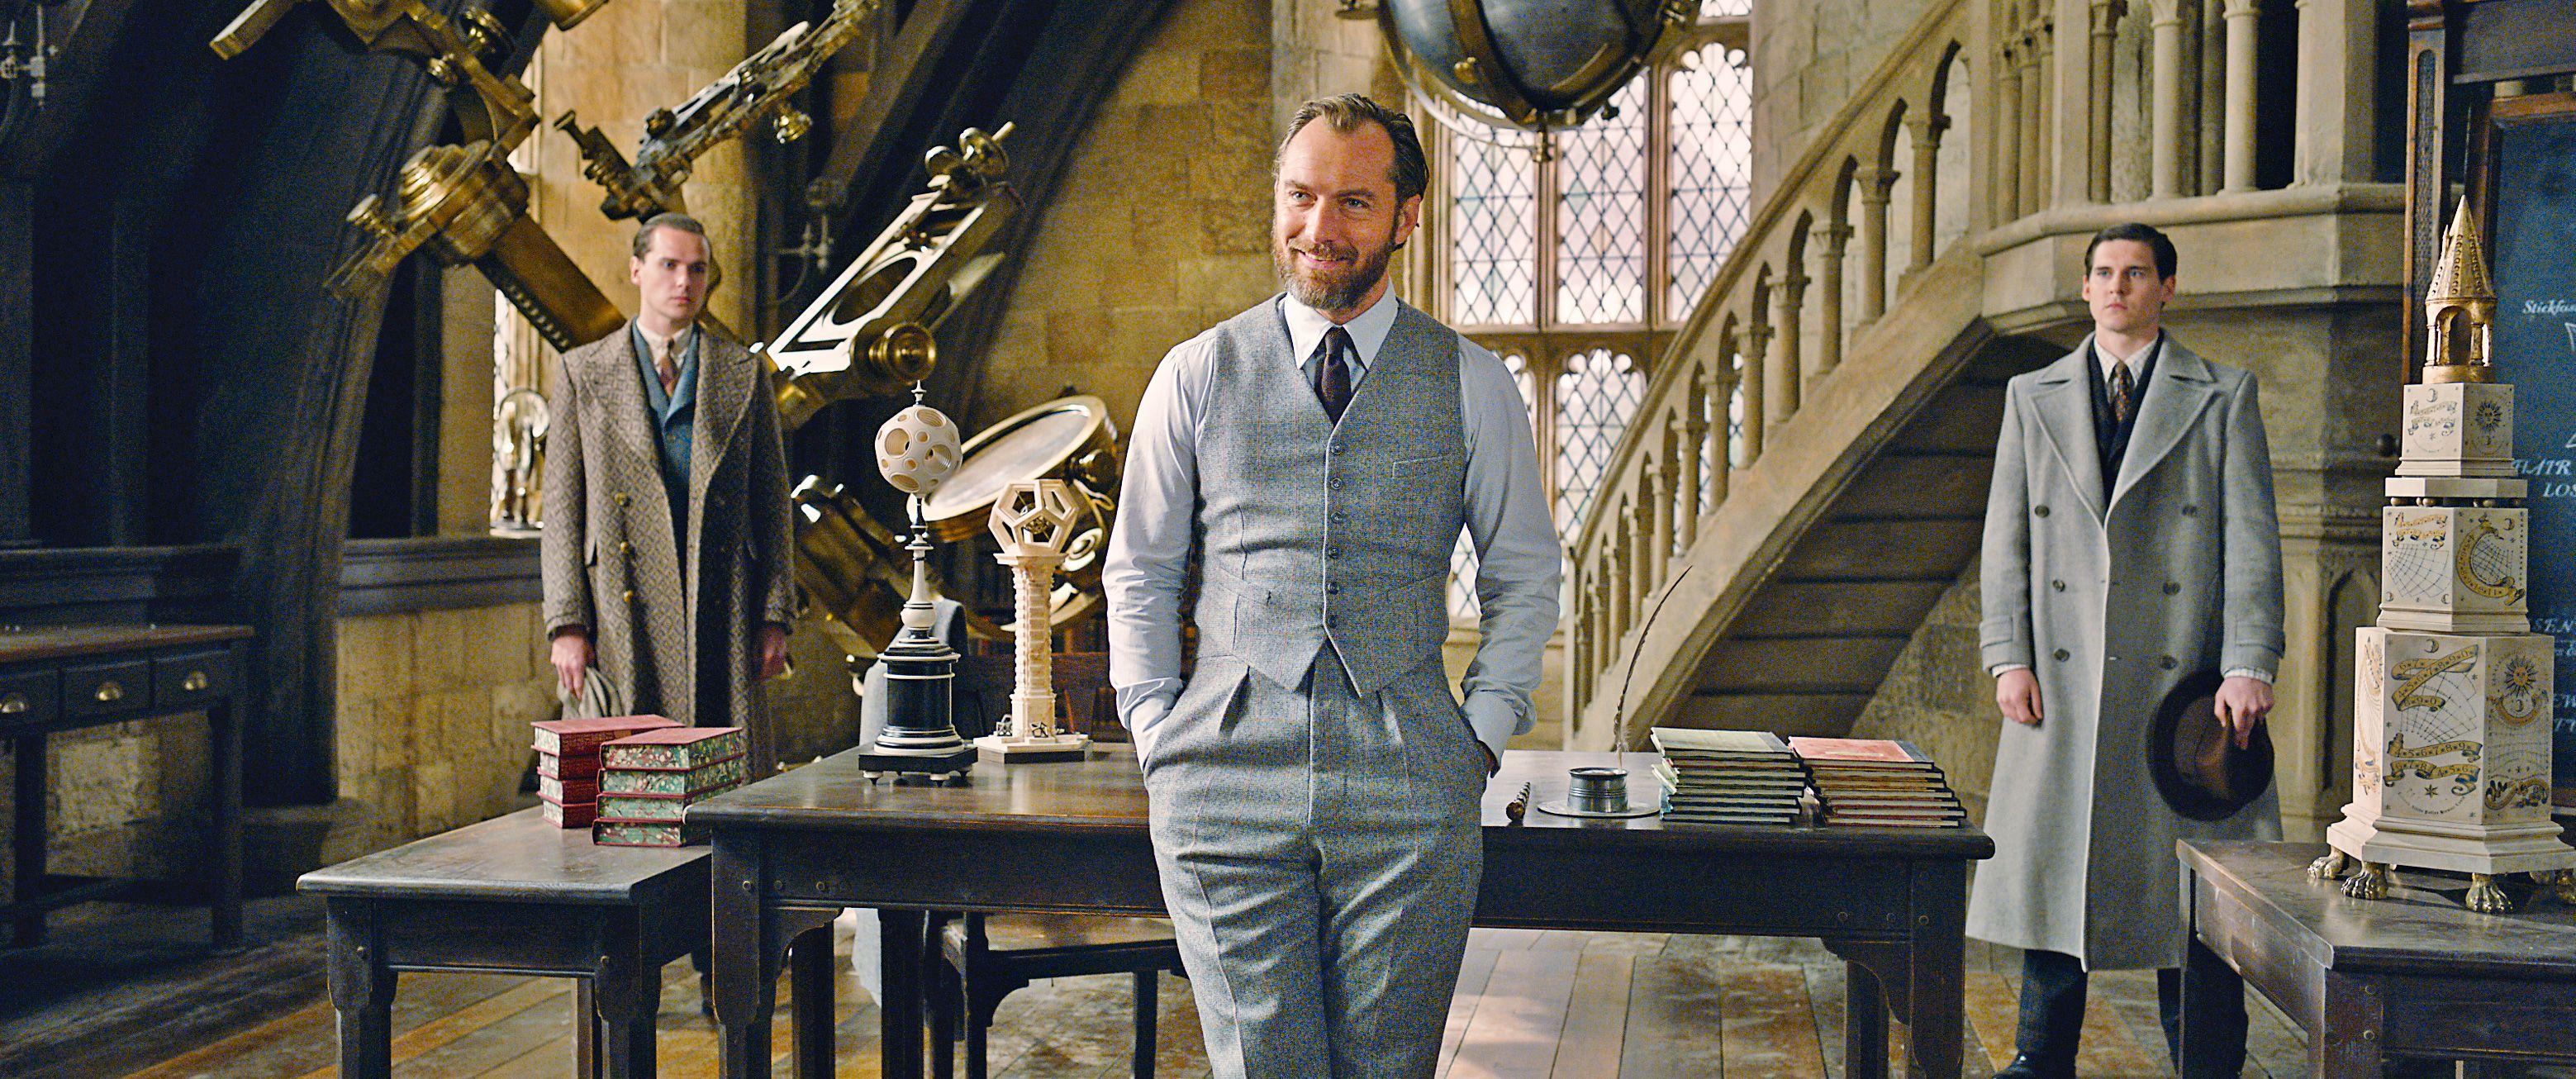 Jude Law nos cuenta cómo se ha convertido en el mítico mago Albus Dumbledore - Entrevista a Jude Law, el joven Dumbledore